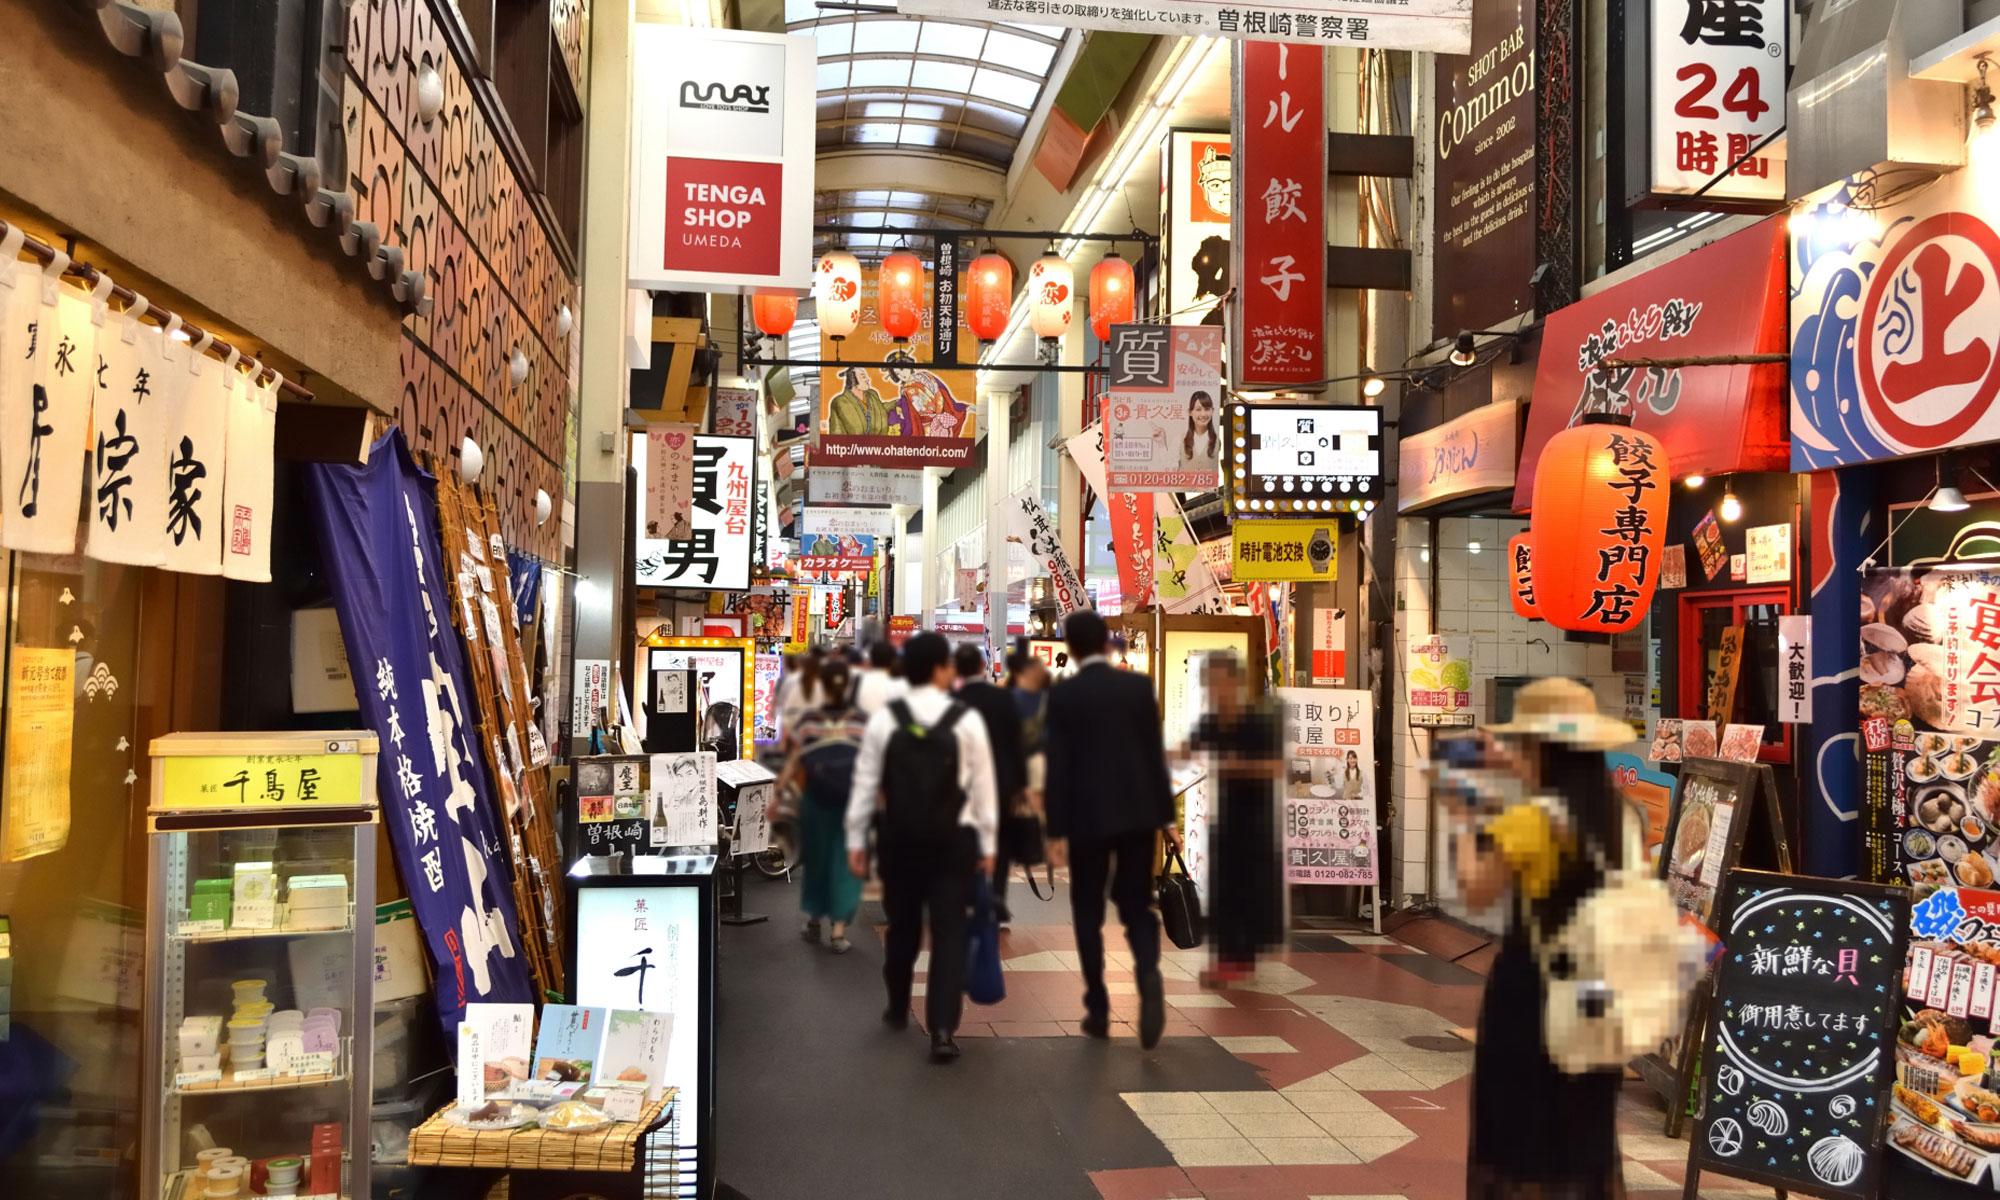 商人のまち大阪の紹介をしています。